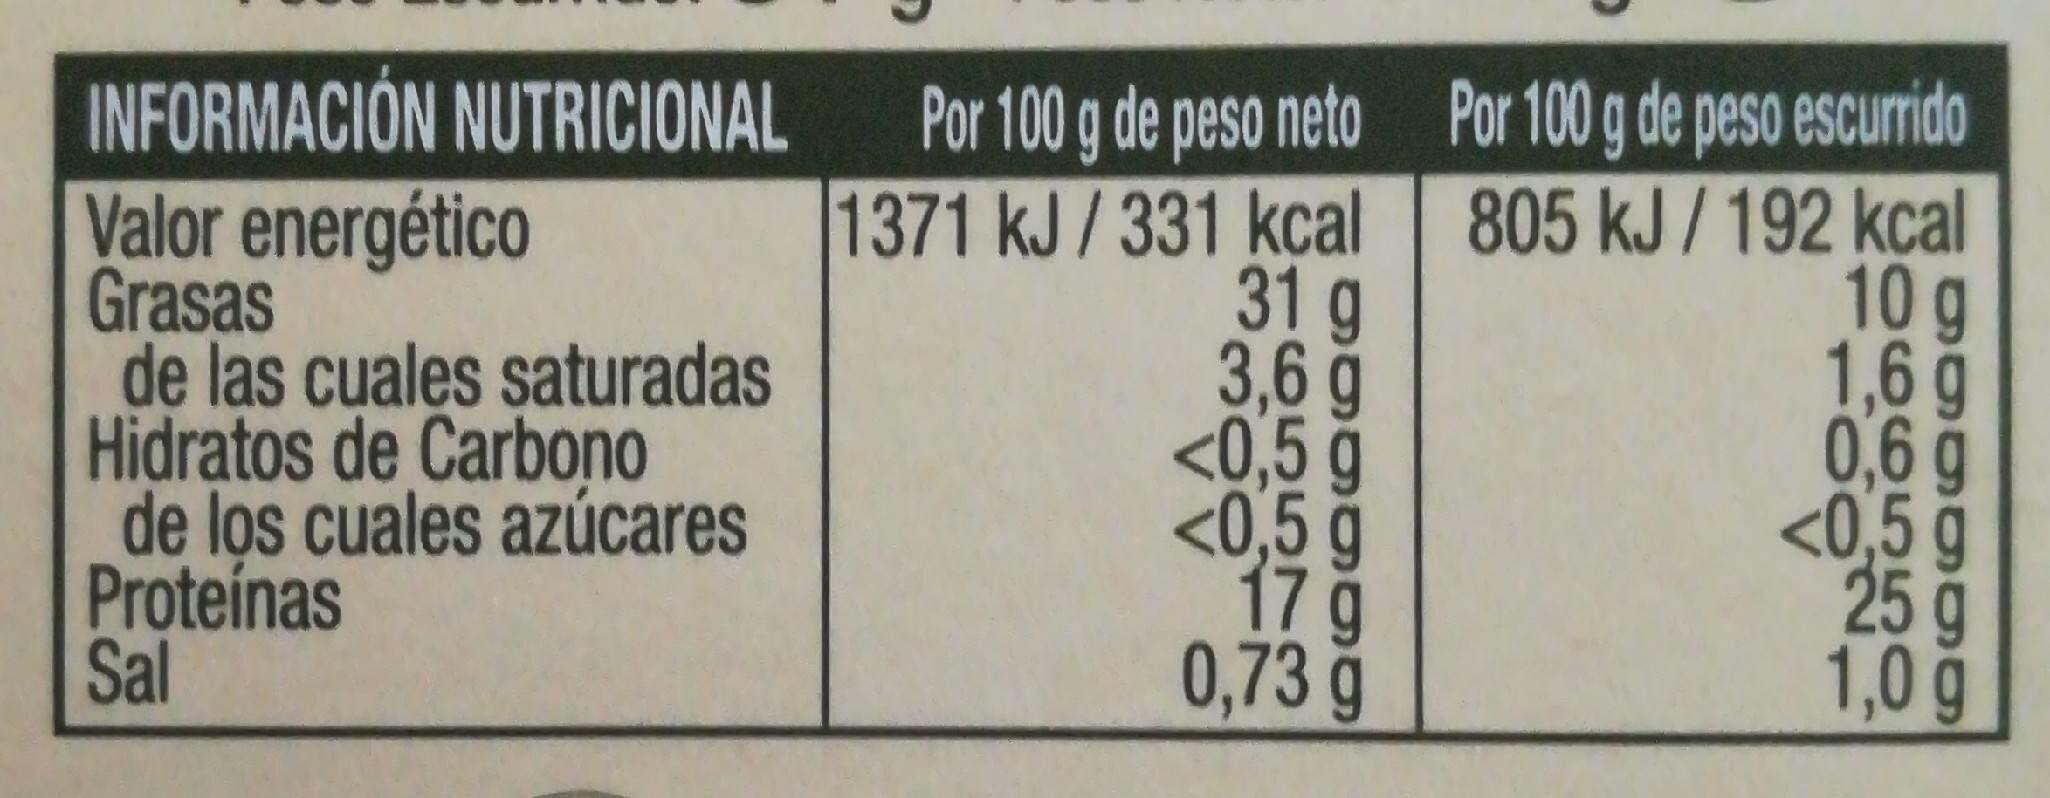 Bonito del norte costera aceite de oliva - Nutrition facts